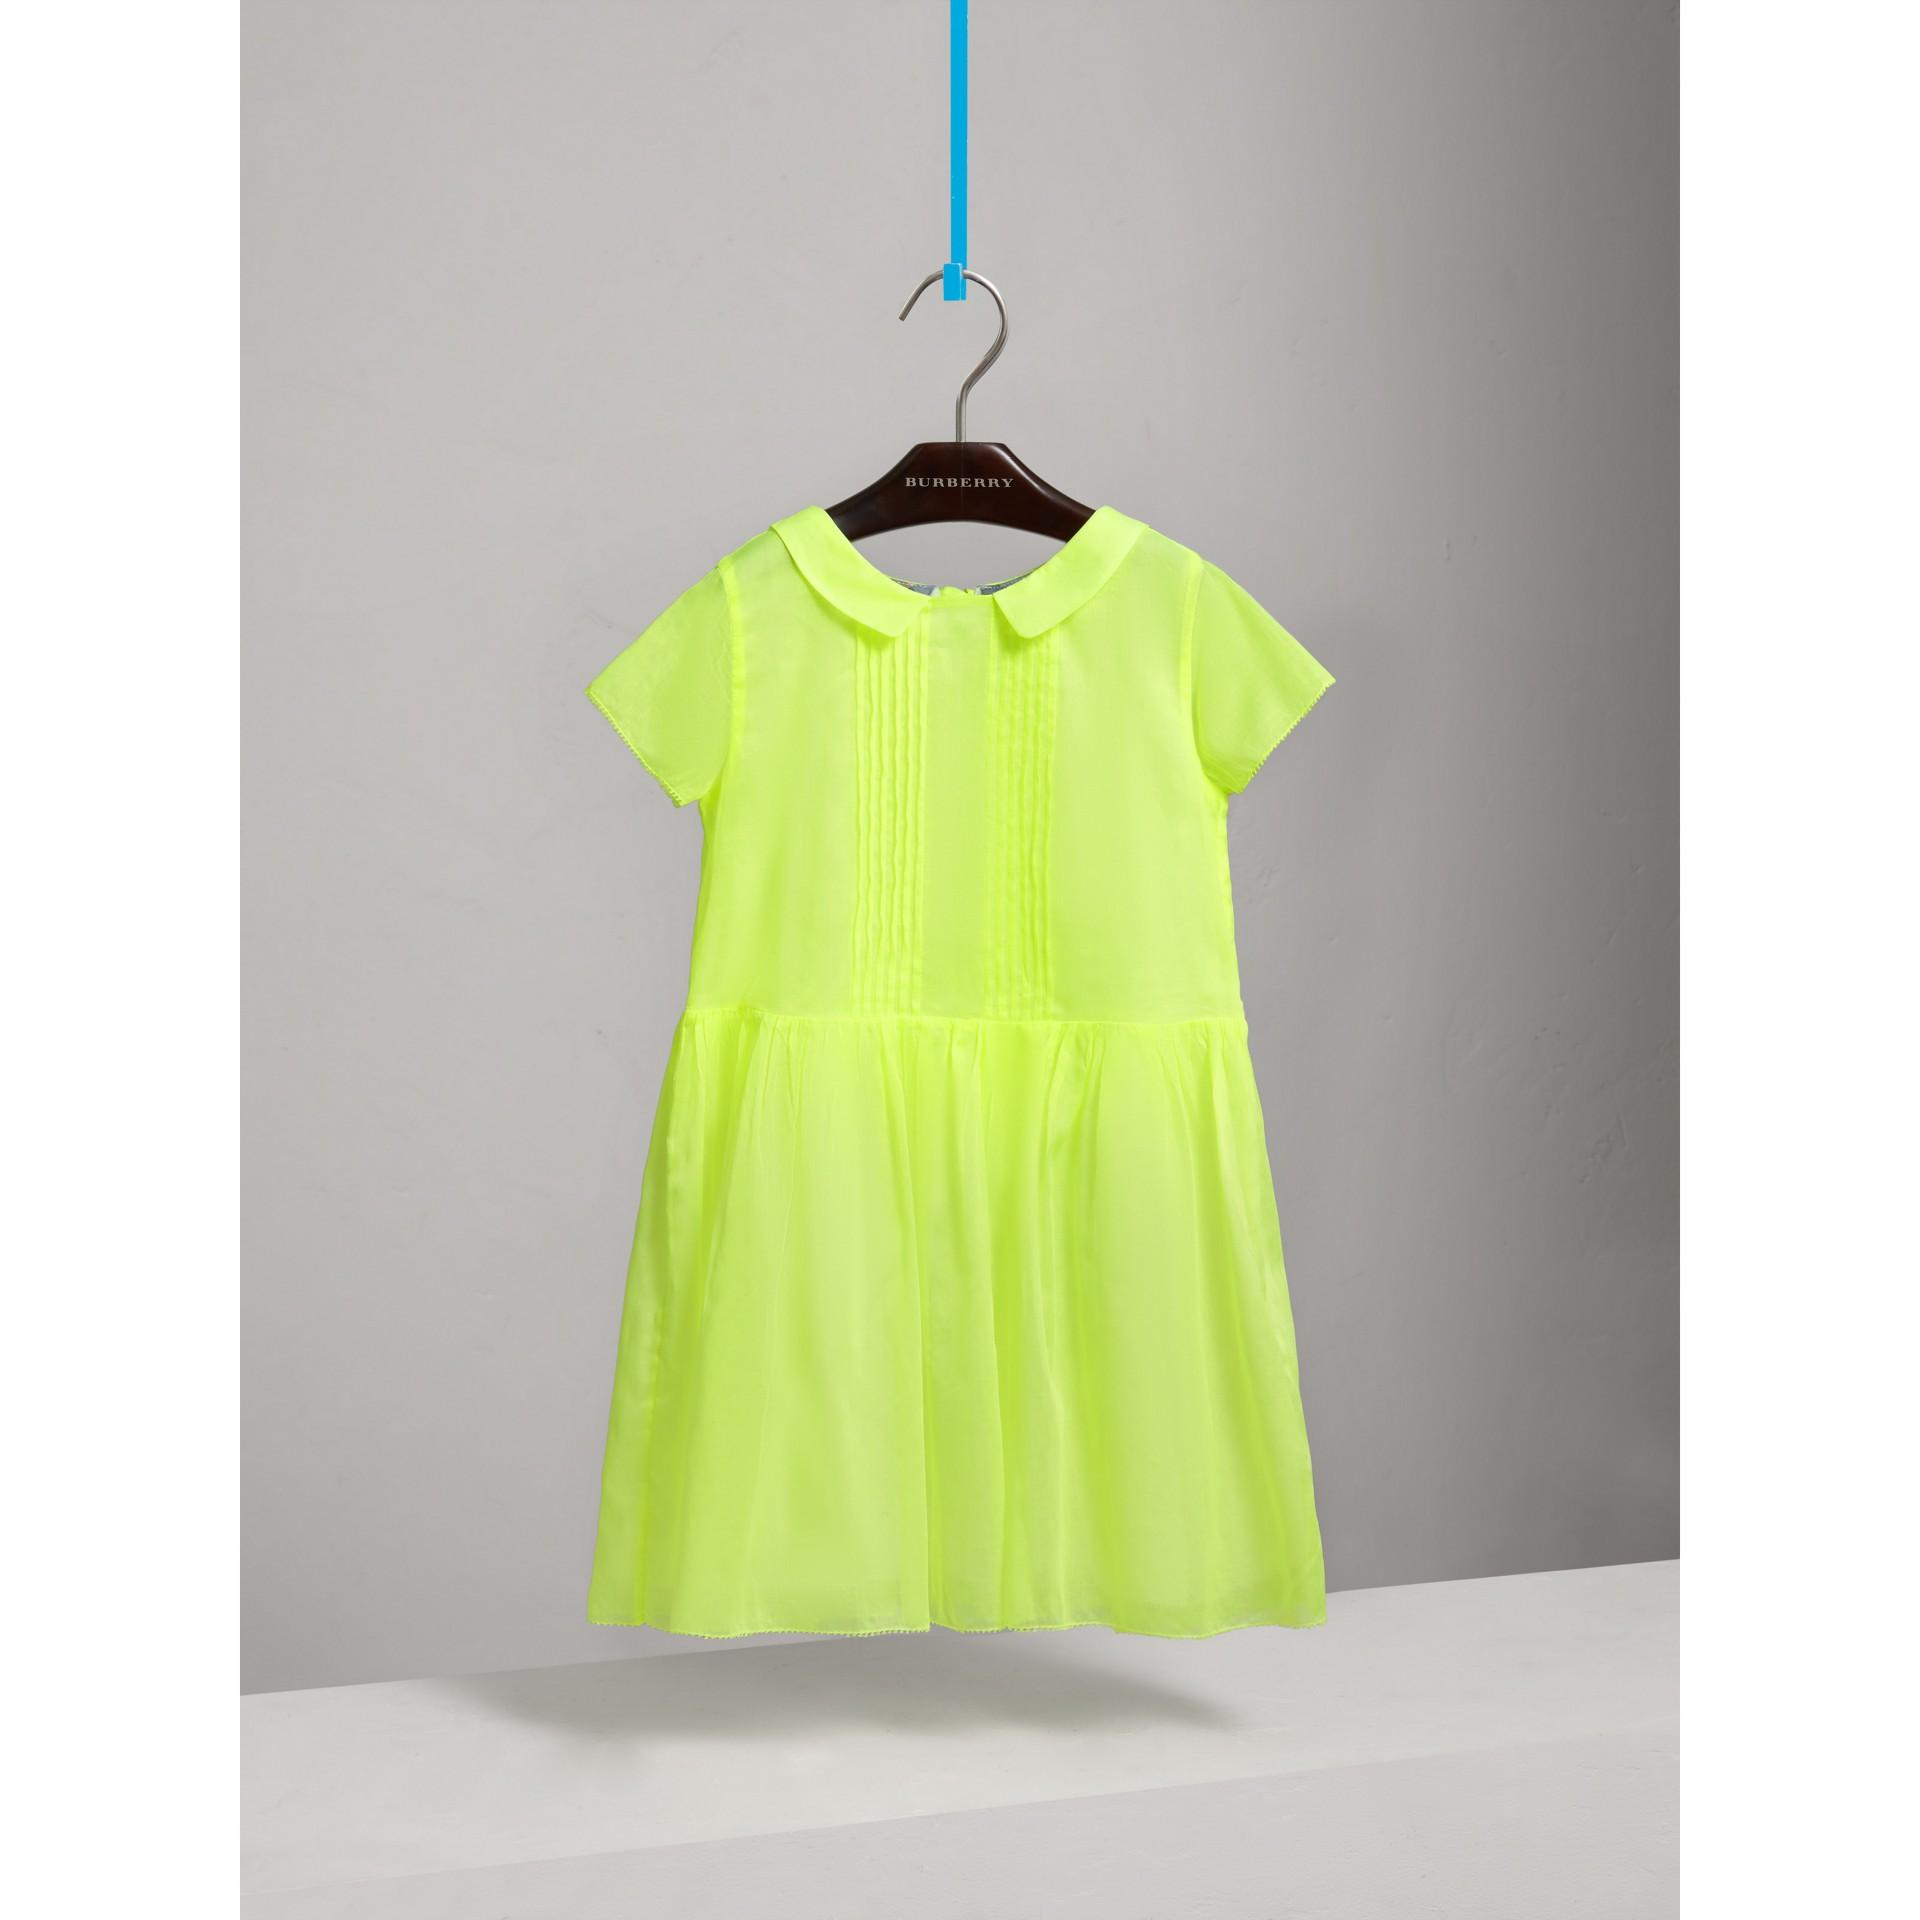 ピンタックディテール コットンボイル ドレス (ネオンイエロー) - ガール | バーバリー - ギャラリーイメージ 2